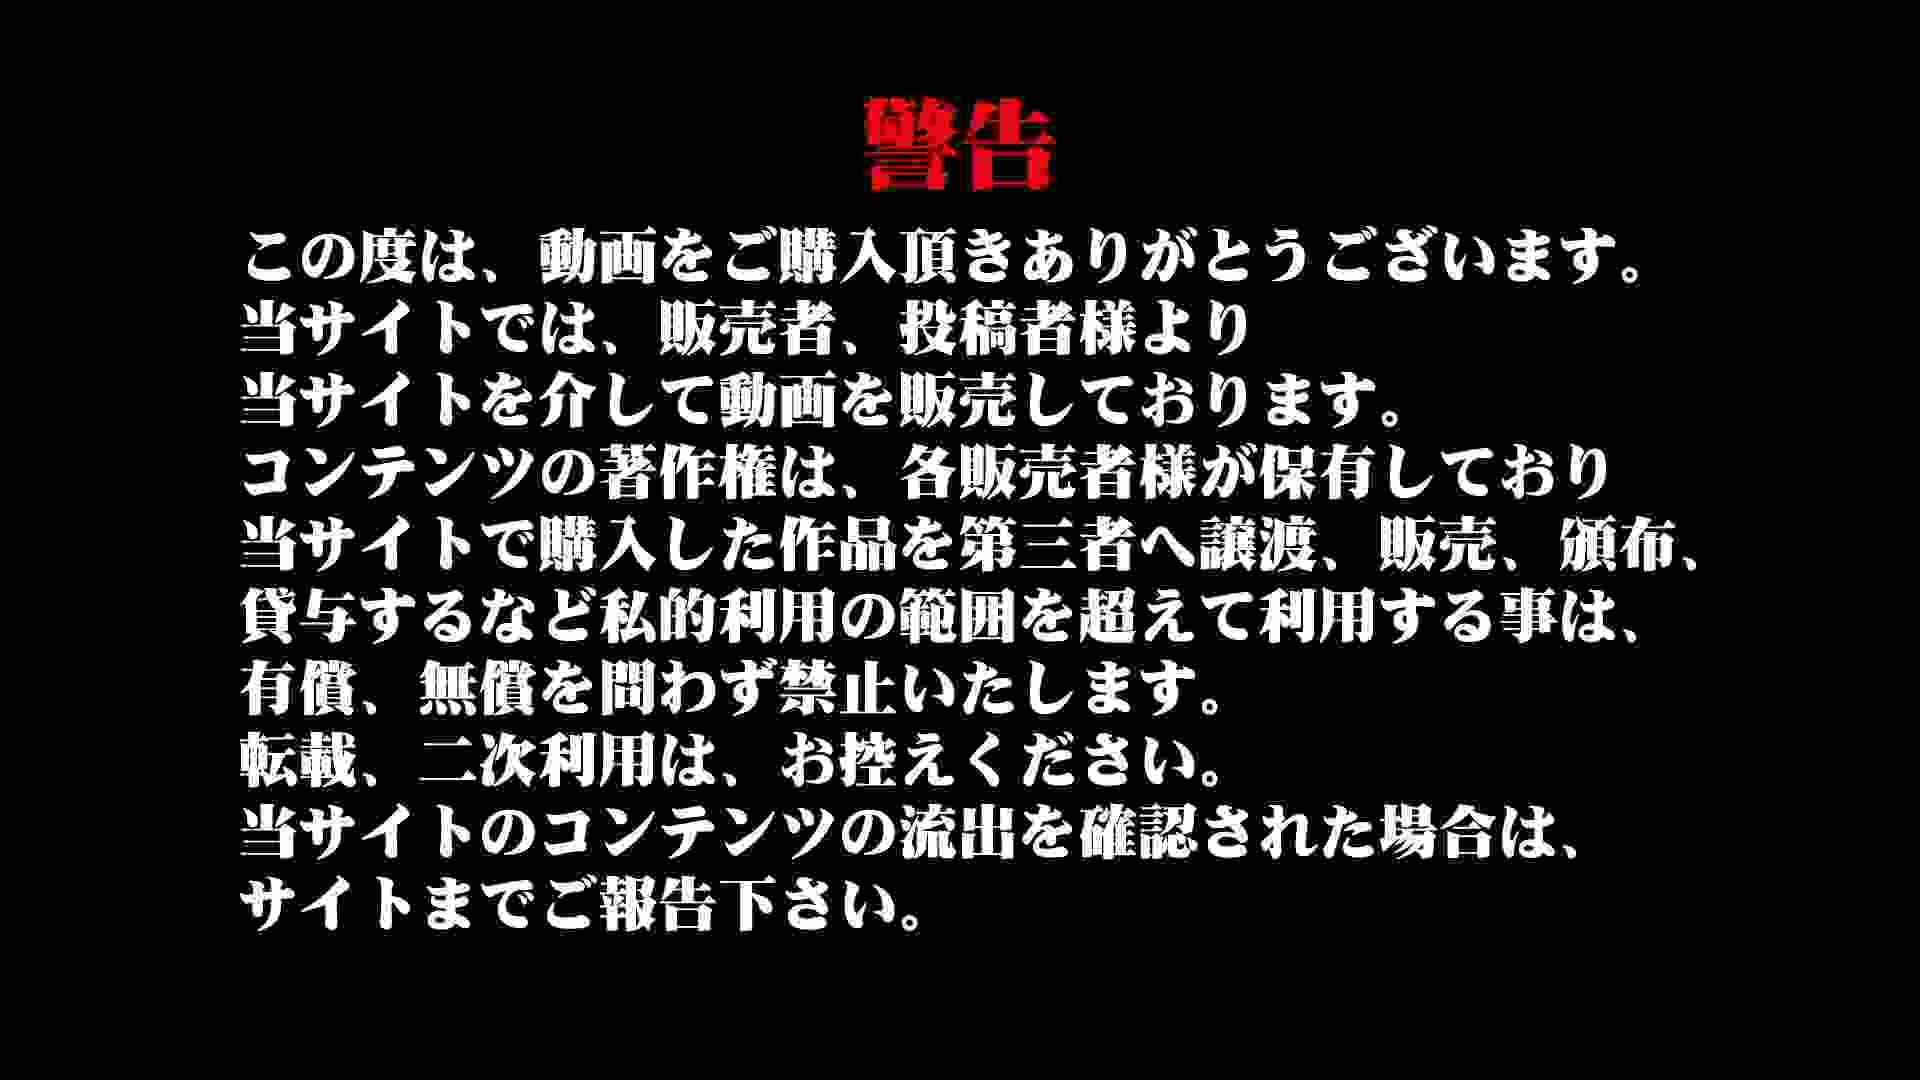 Aquaな露天風呂Vol.927 OLのエロ生活 | 盗撮  89連発 4